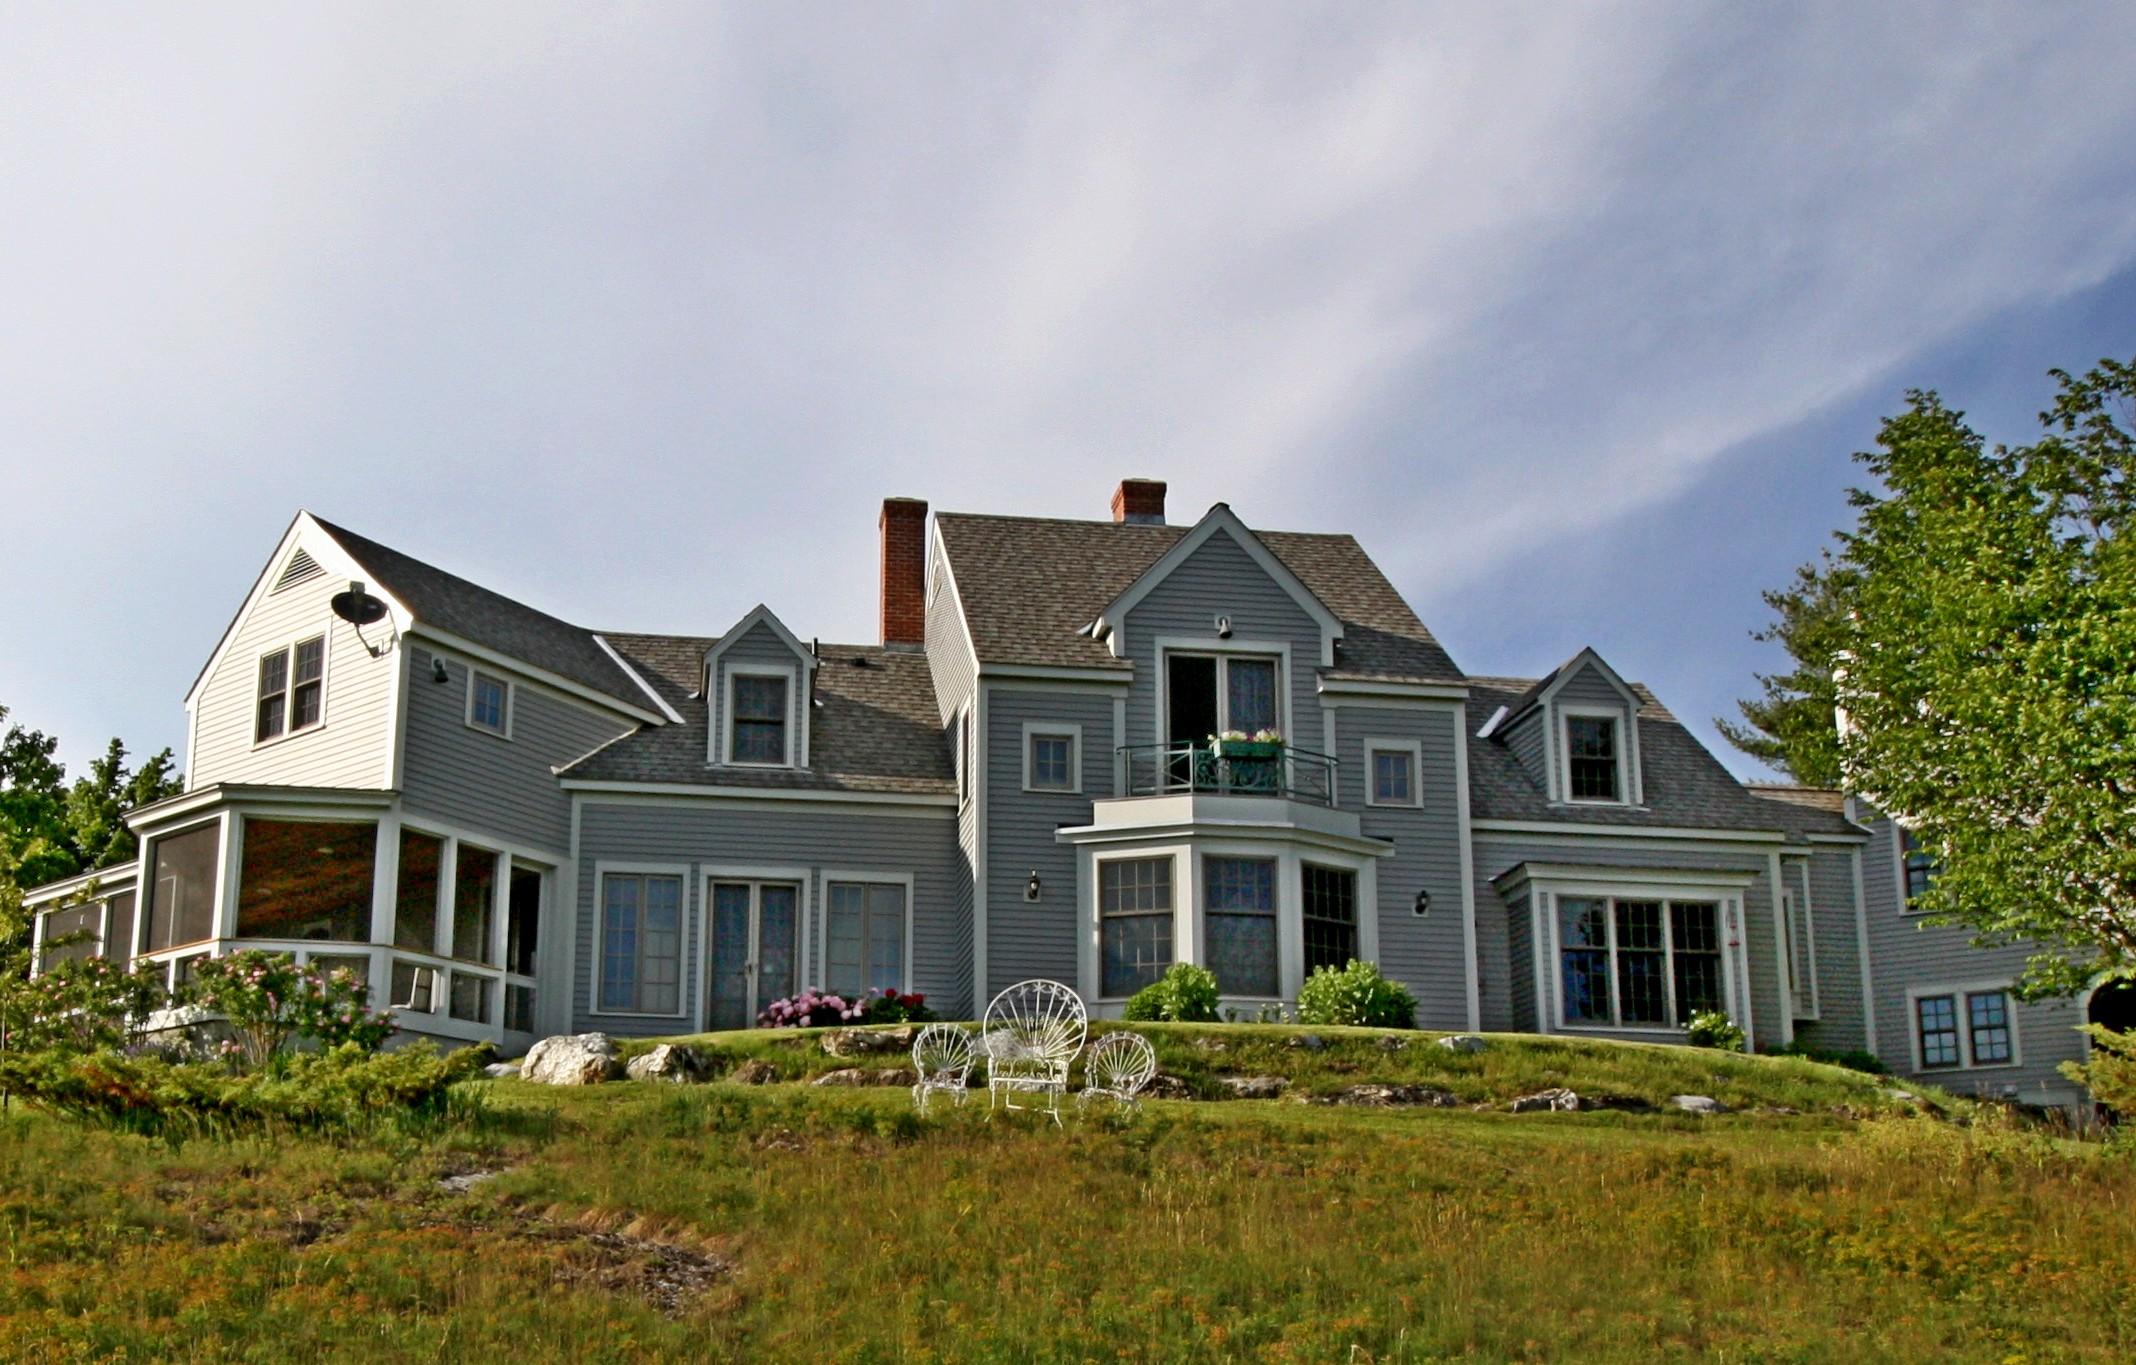 Maison unifamiliale pour l Vente à 902 Huff Pond Road, Sudbury 902 Huff Pond Rd Sudbury, Vermont 05733 États-Unis